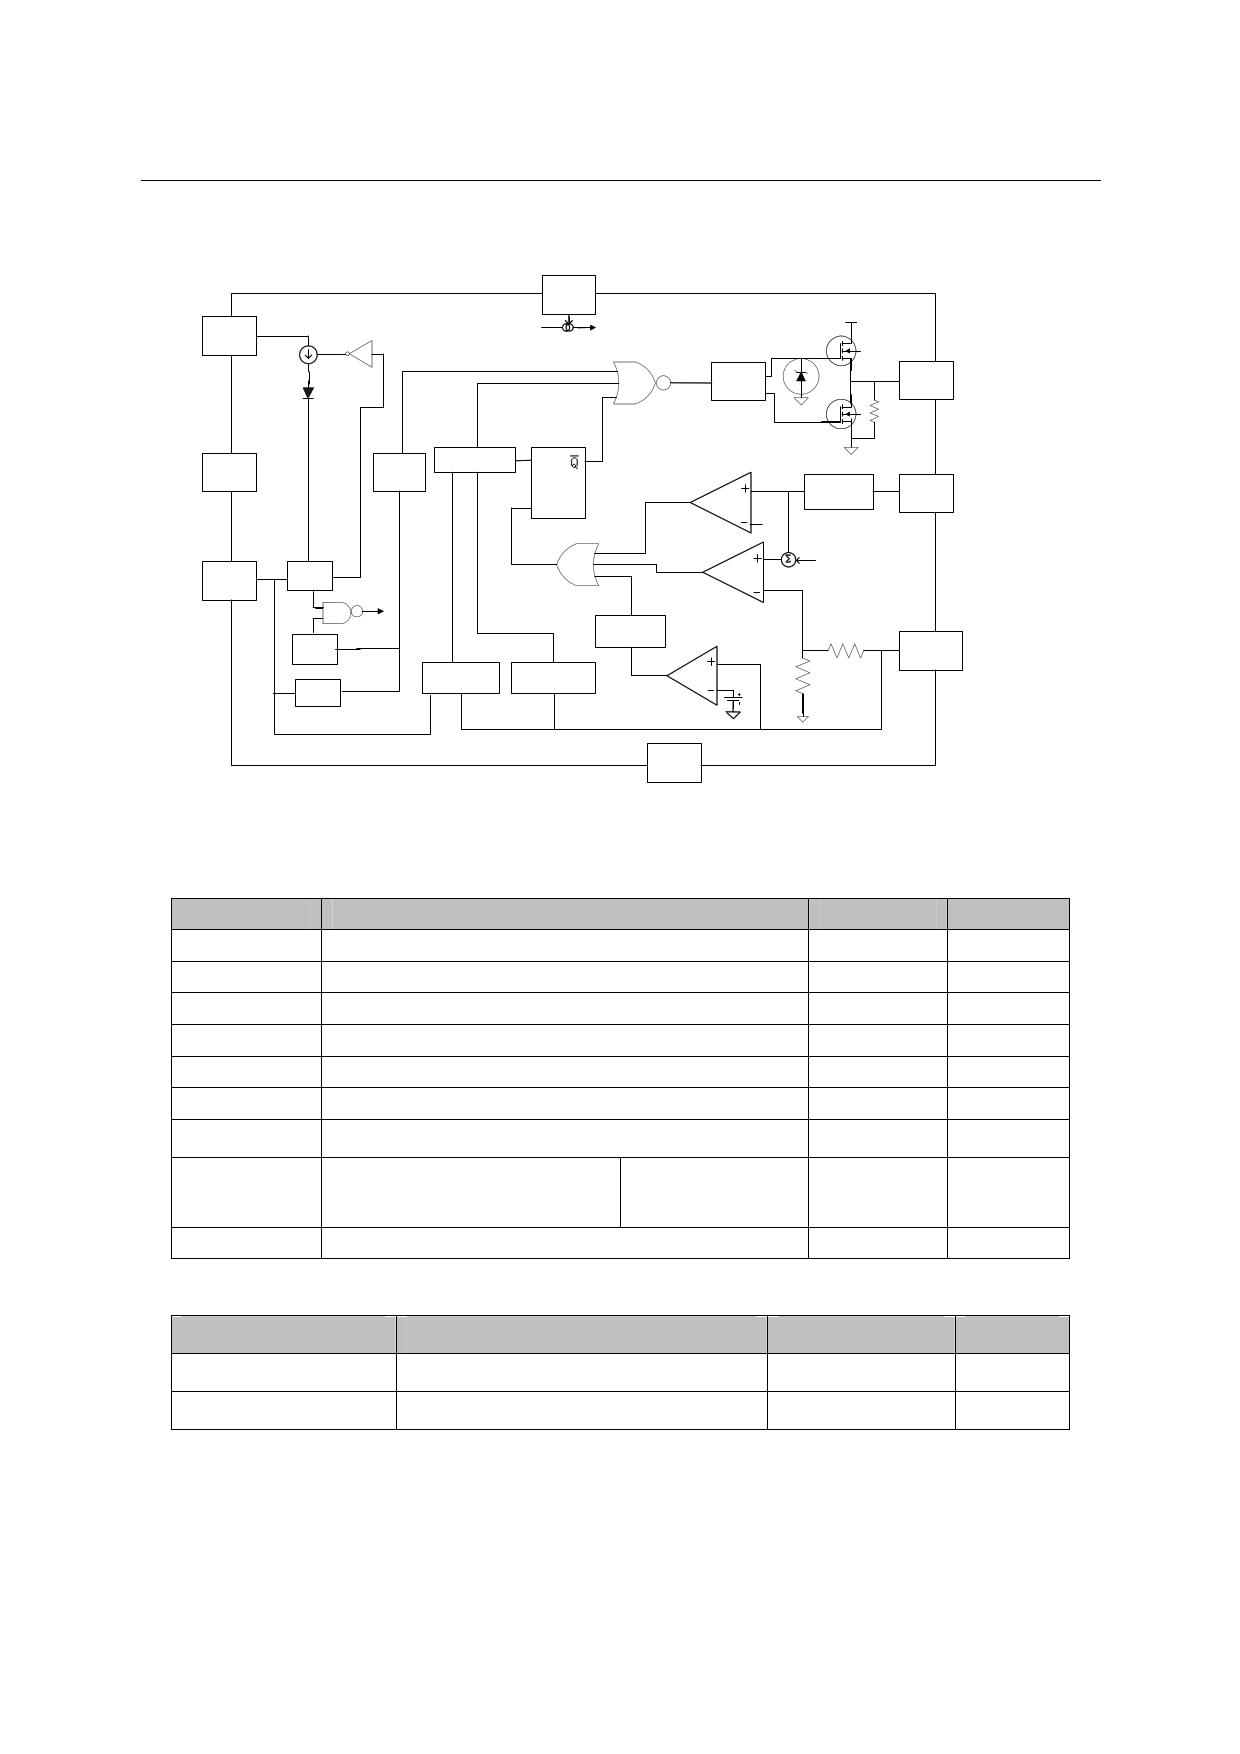 CR6845 pdf, 電子部品, 半導体, ピン配列